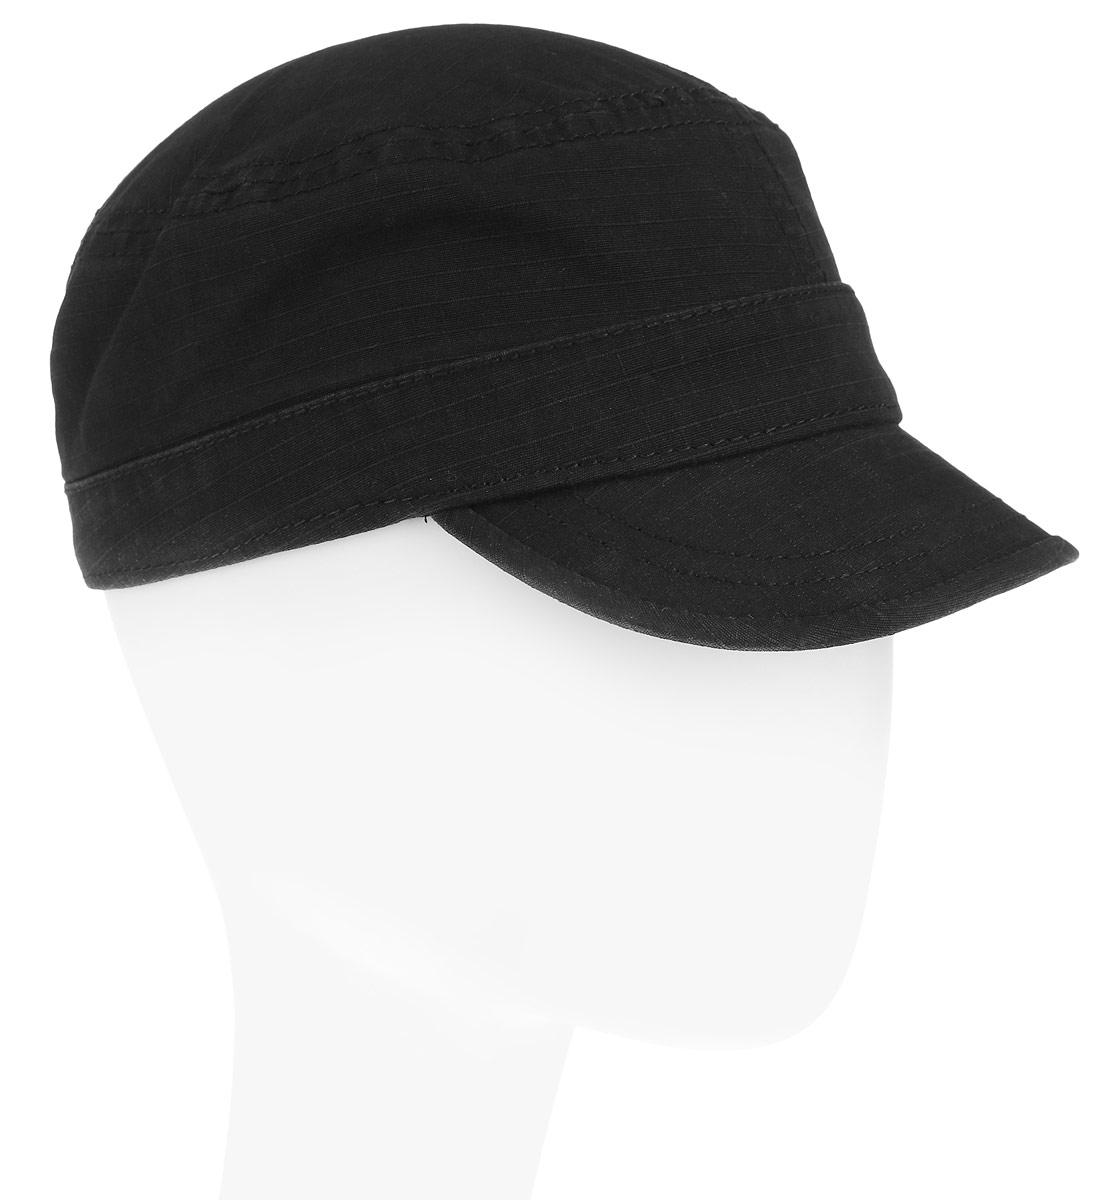 42-089-08Легкая кепка Goorin Brothers Everyday Private, выполненная из натурального хлопка, идеальна для весенне-летнего сезона, но ее можно носить также и осенью. Модель с жестким козырьком надежно защитит вас от солнца и ветра. Удобная посадка кепки позволит вам носить ее не снимая долгое время. Вам предлагается неформальная, вдохновленная военной стилистикой кепка. Модель сшита из четырех частей - двух боковых сторон, верха и козырька. Не имеет регуляторов и шьется по общепринятой размерной сетке. Оформлено изделие текстильной нашивкой с логотипом бренда. Превосходное качество и высочайший комфорт сделали эту кепку очень популярной. Эта модель станет отличным аксессуаром и дополнит ваш повседневный образ. Уважаемые клиенты! Обращаем ваше внимание на тот факт, что размер изделия, доступный для заказа, равен обхвату головы.